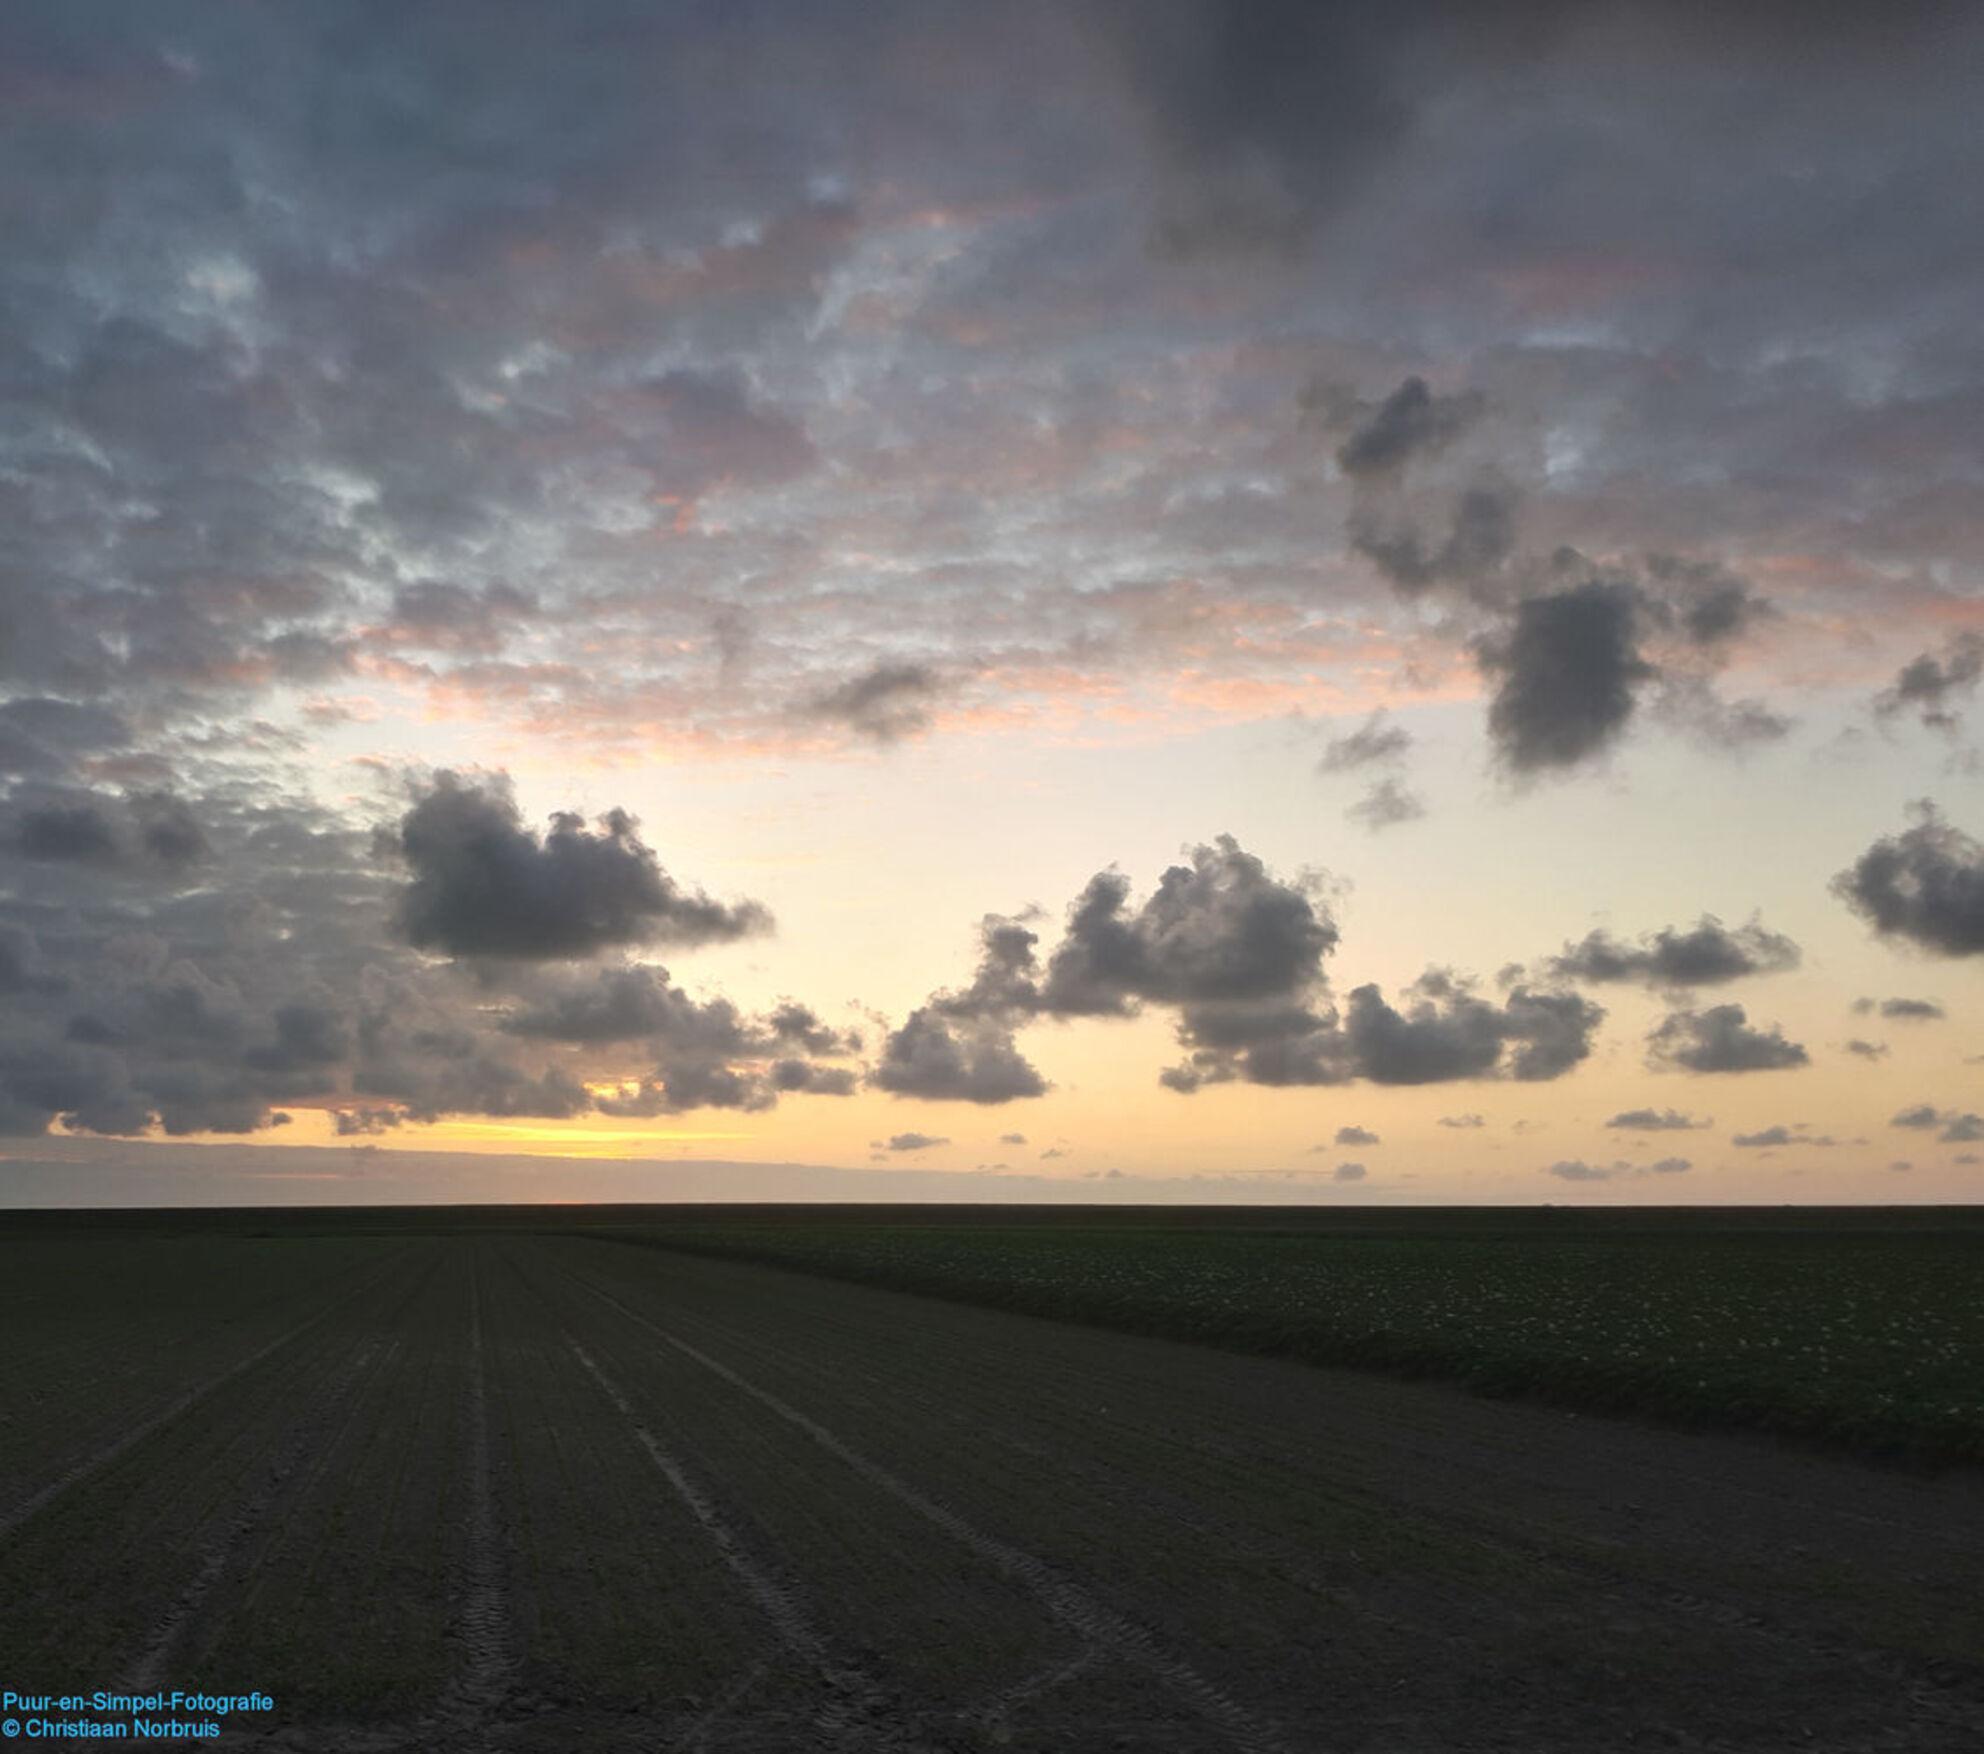 20180617_220415-2 - Zondagavond nog even een foto genomen van de lucht. Opname genomen in het HDR stand. - foto door christiaannorbruis op 17-06-2018